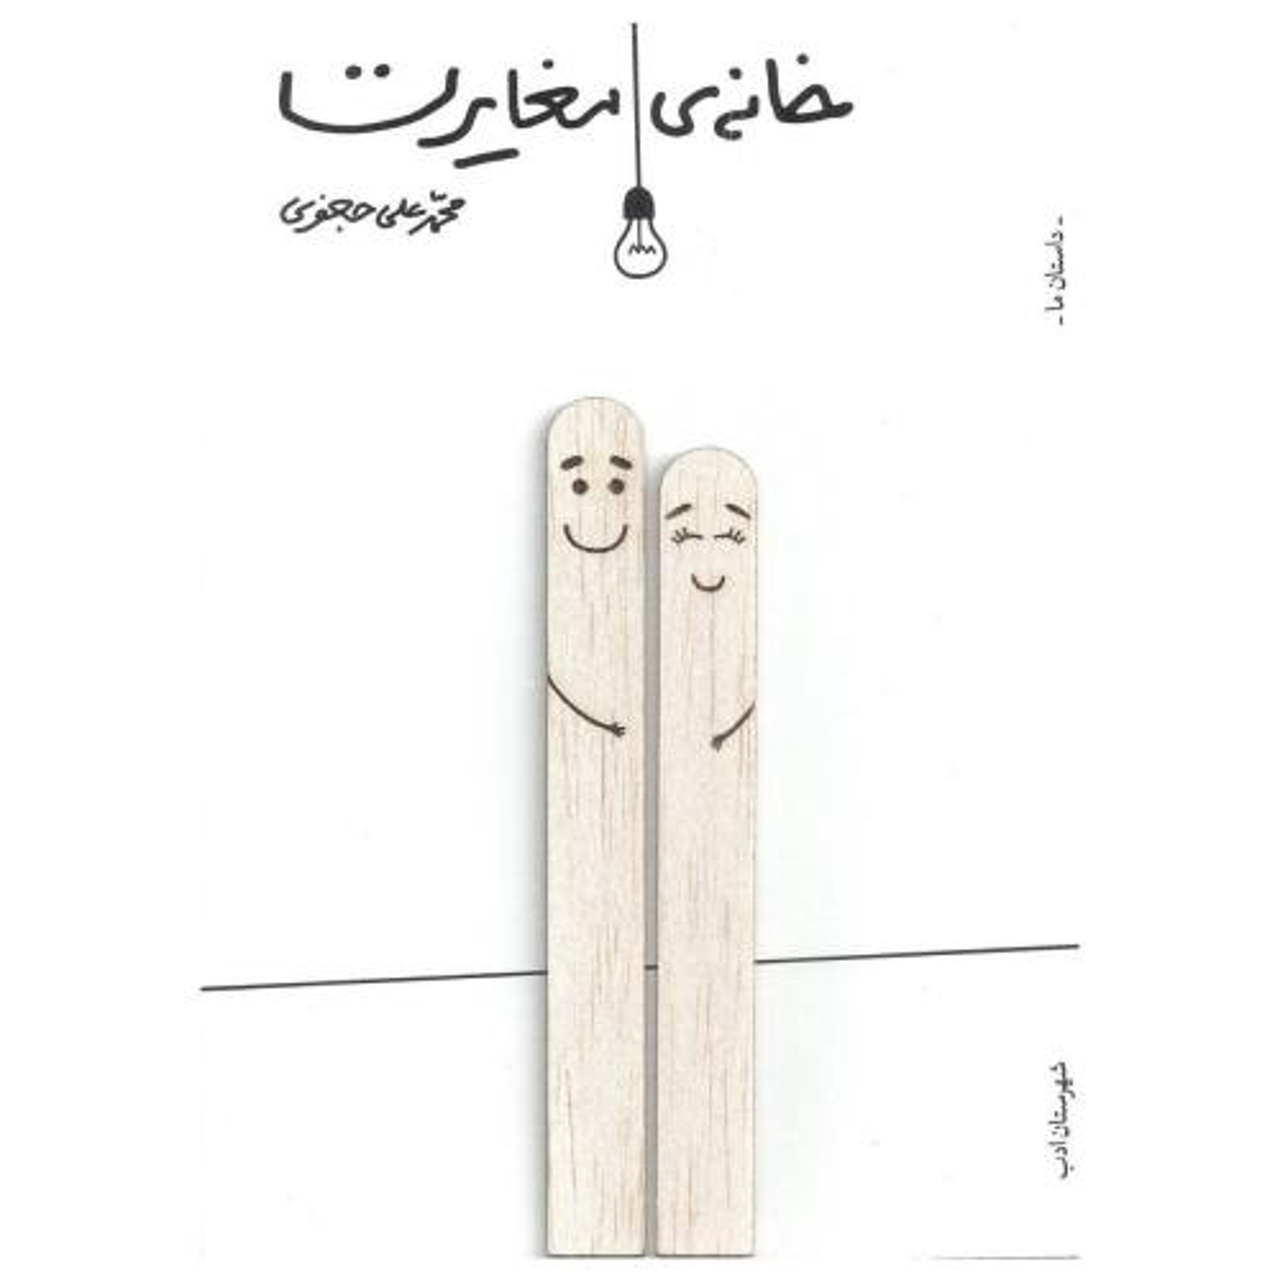 خانه ی مغایرت اثر محمد علی جعفری